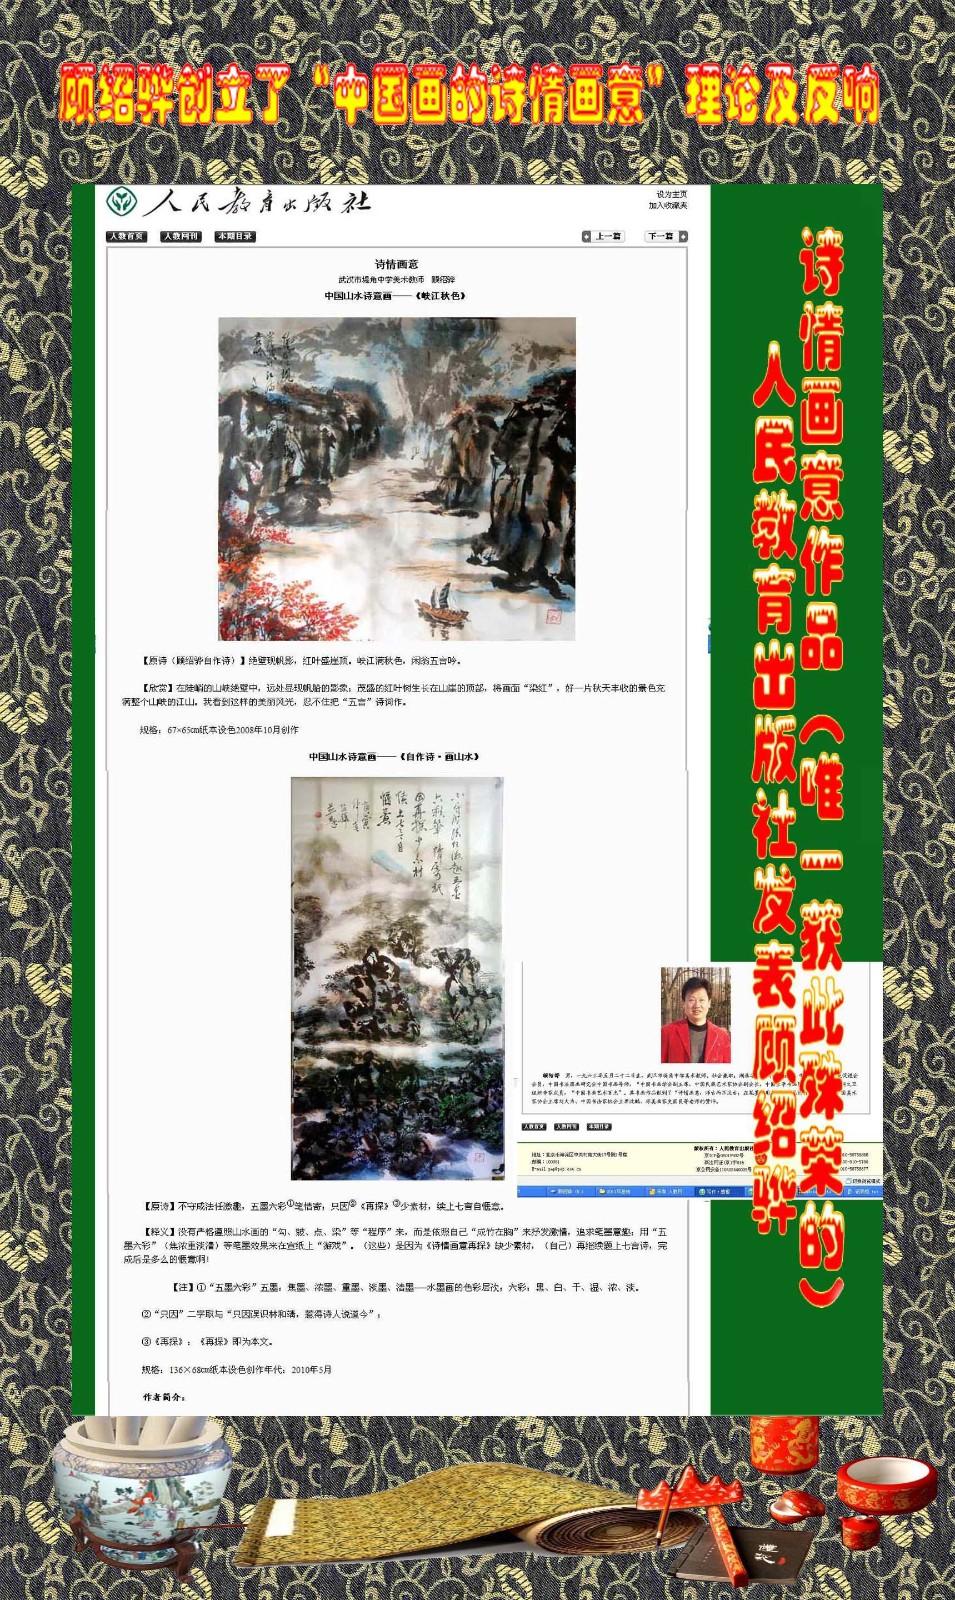 顾绍骅在中国画方面作出的一点贡献_图1-14